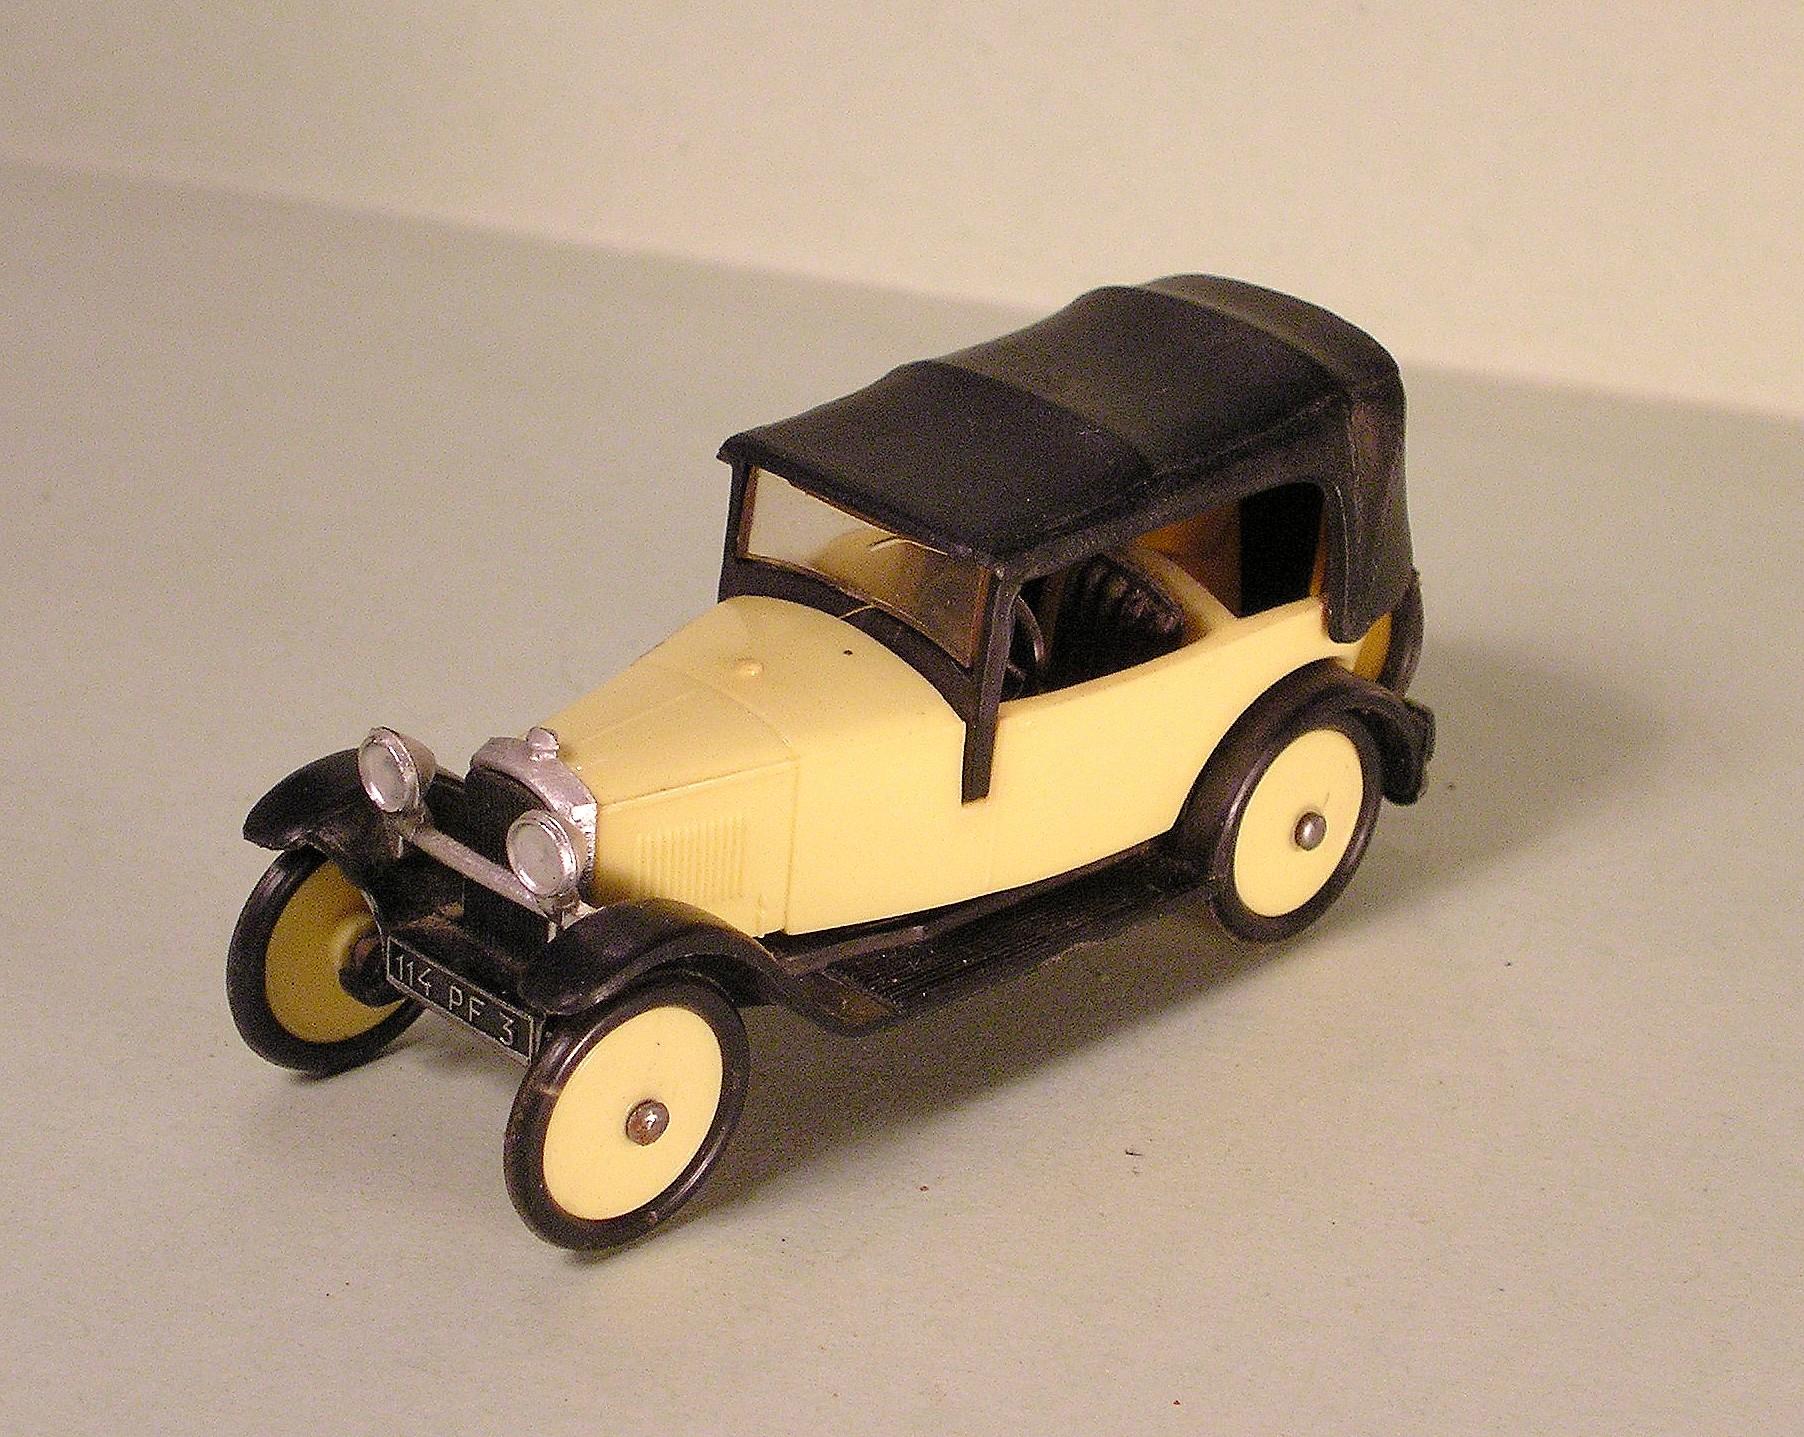 Moyen Age N° 008 - Peugeot Torpédo 172R Norevpeugeot172r1926rf8